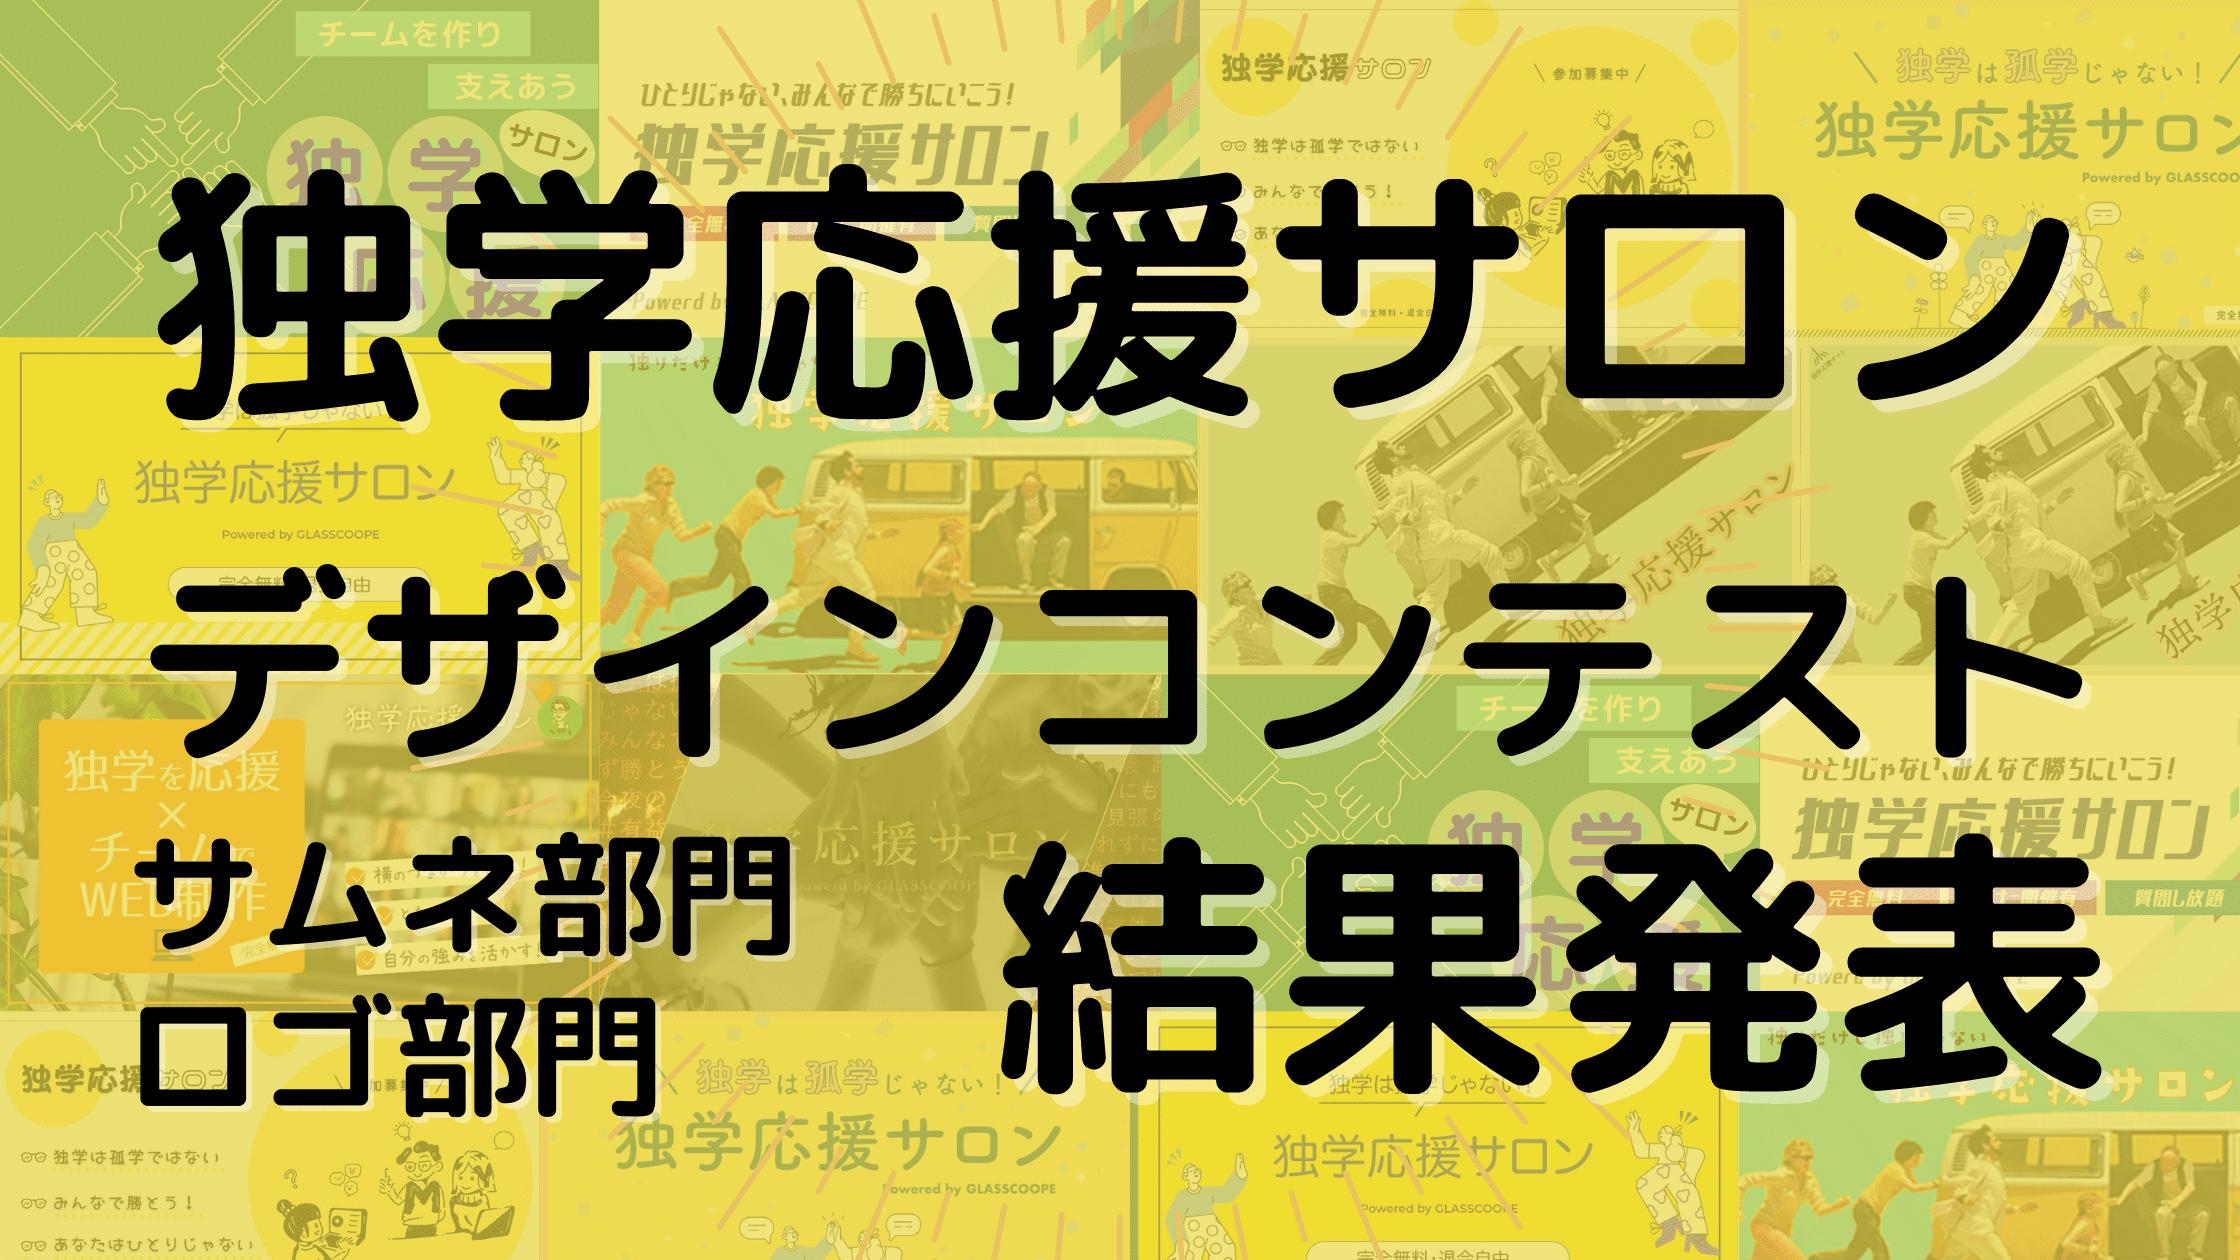 独学応援サロンデザインコンテスト